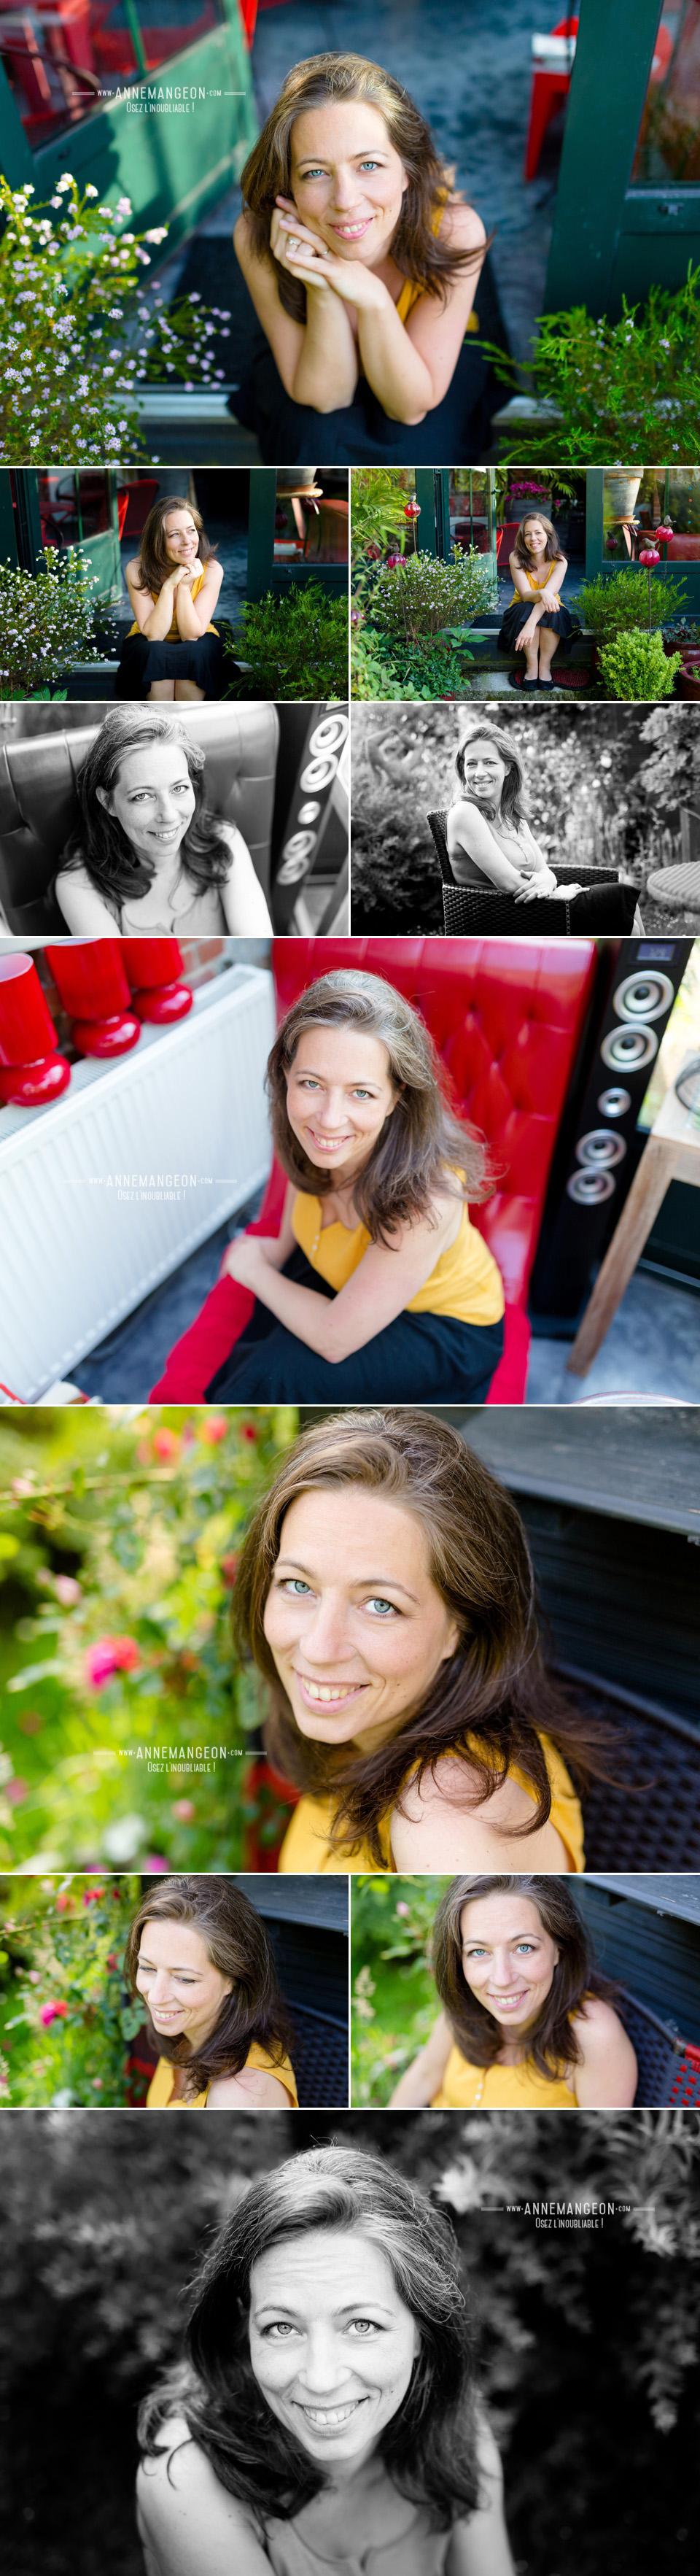 Séance photo portrait de femme Nancy @ Anne Mangeon Photographe_02